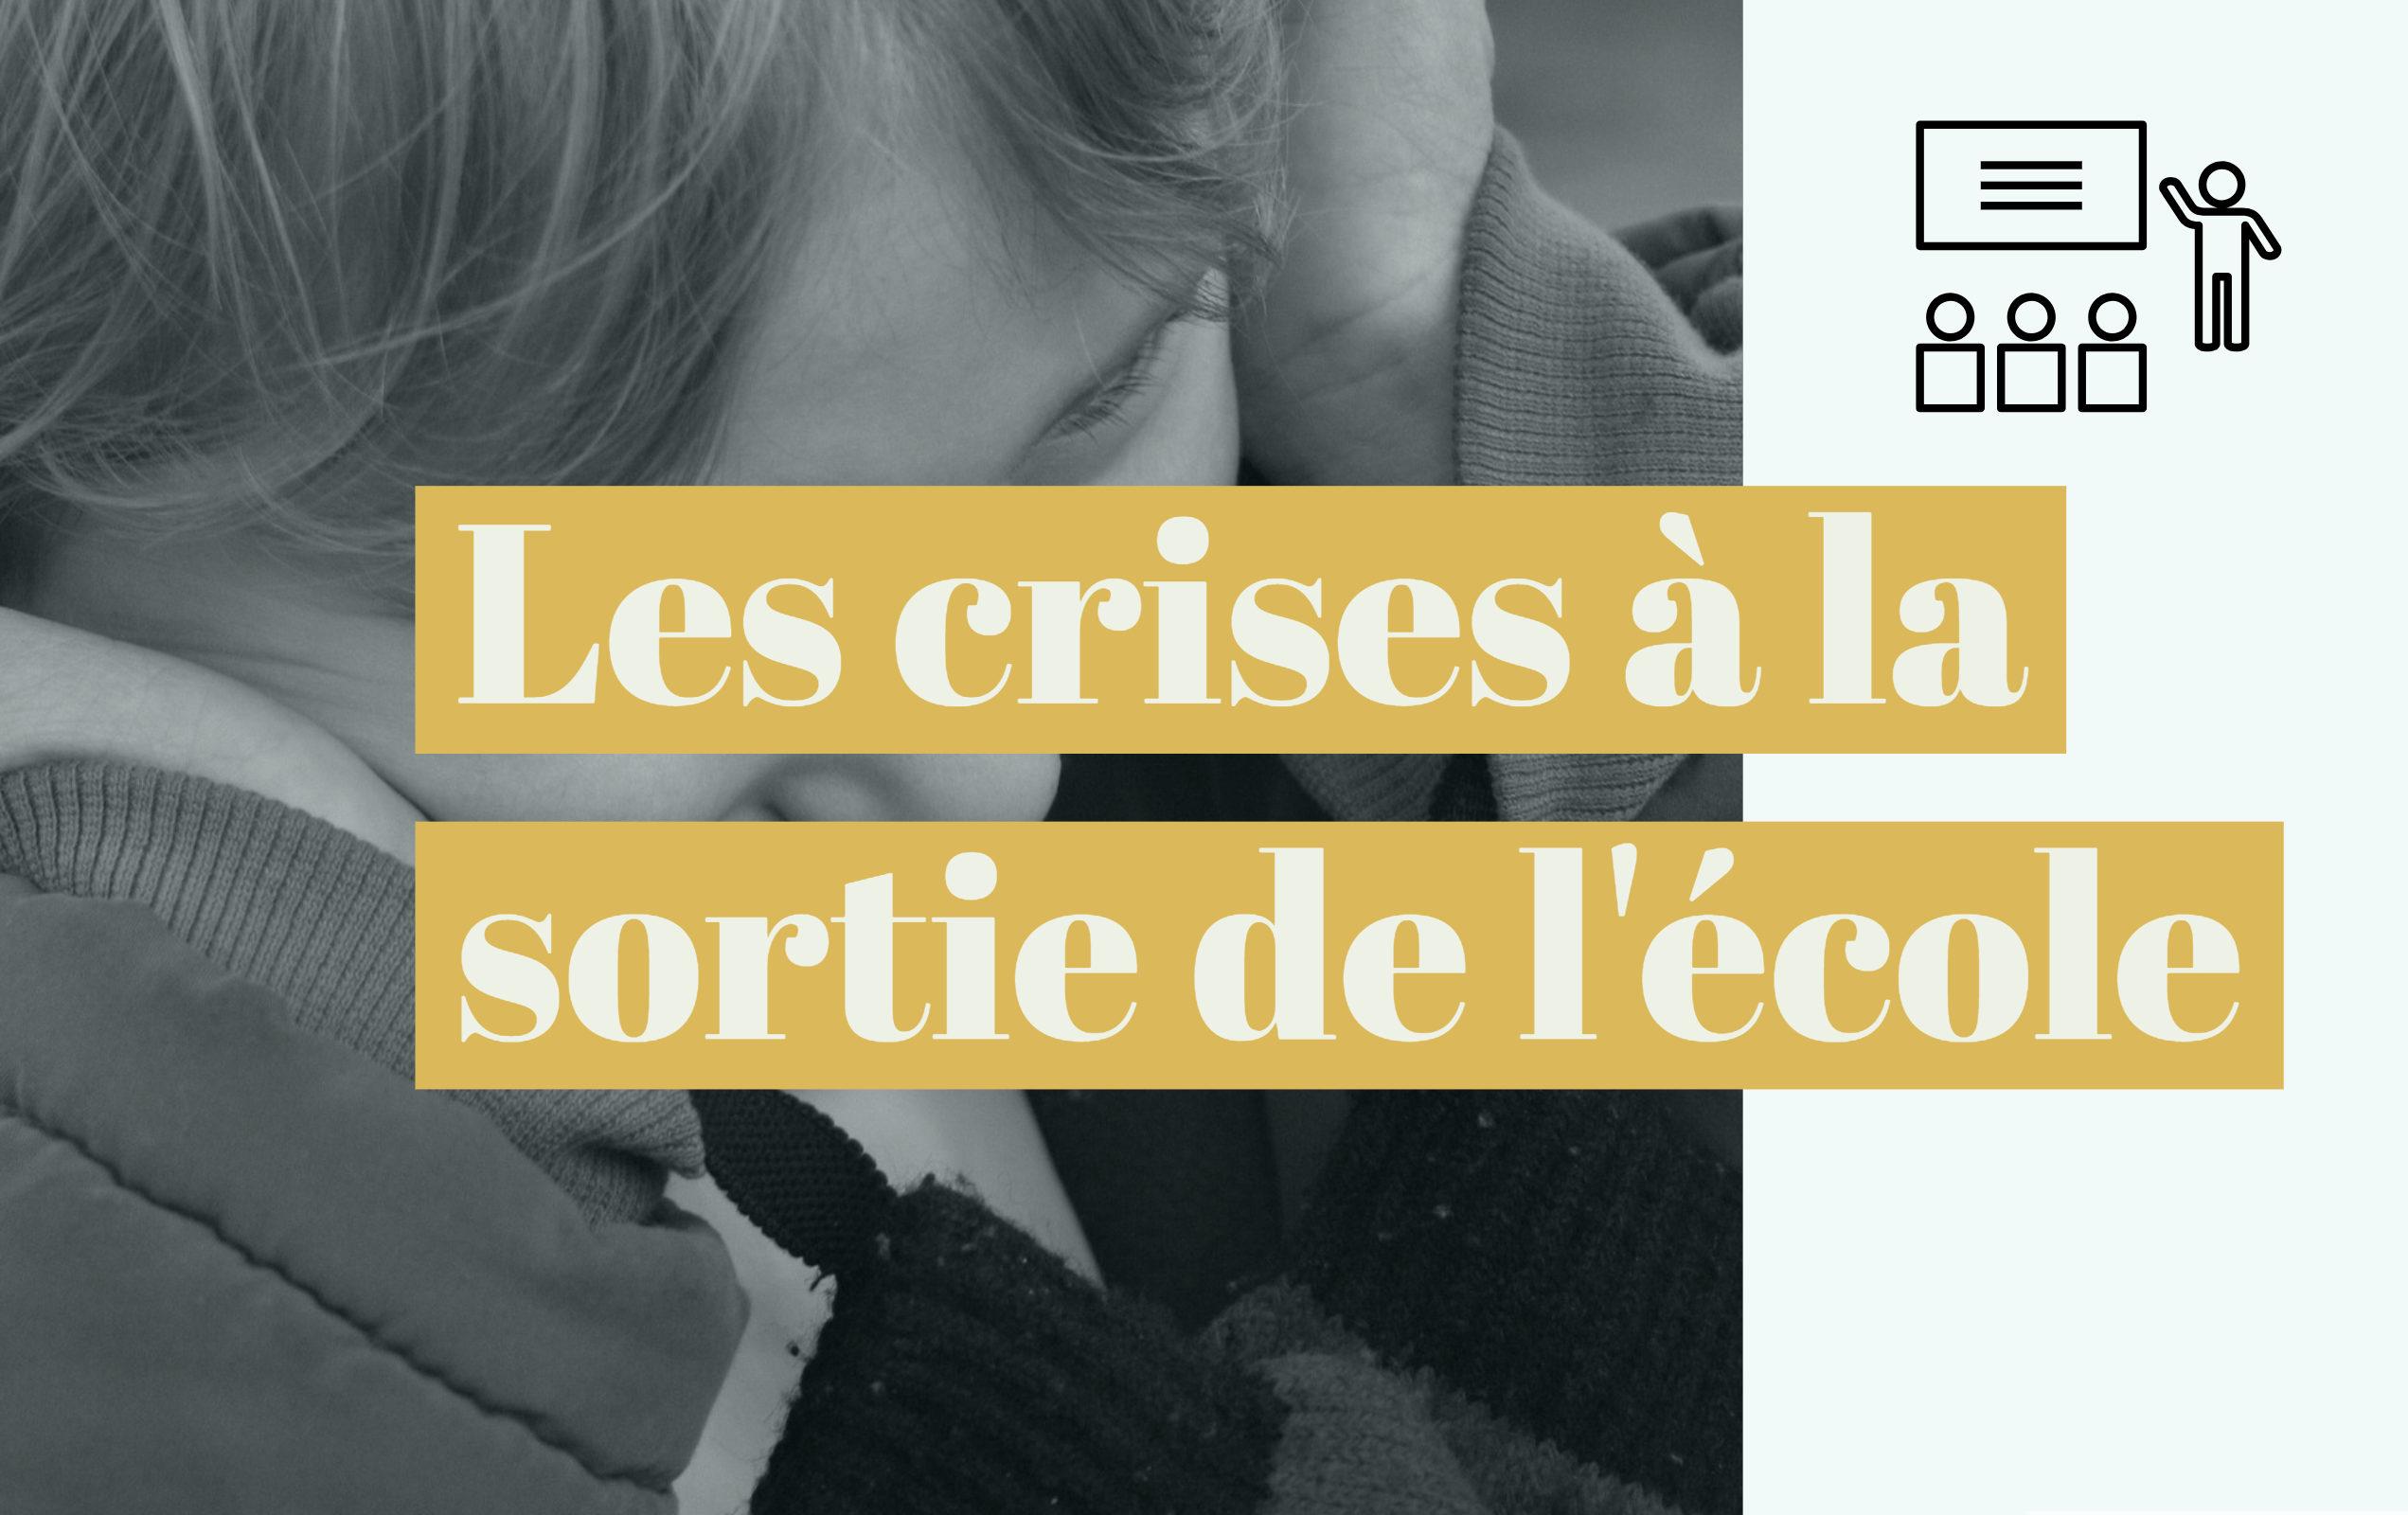 Les crises à la sortie de l'école